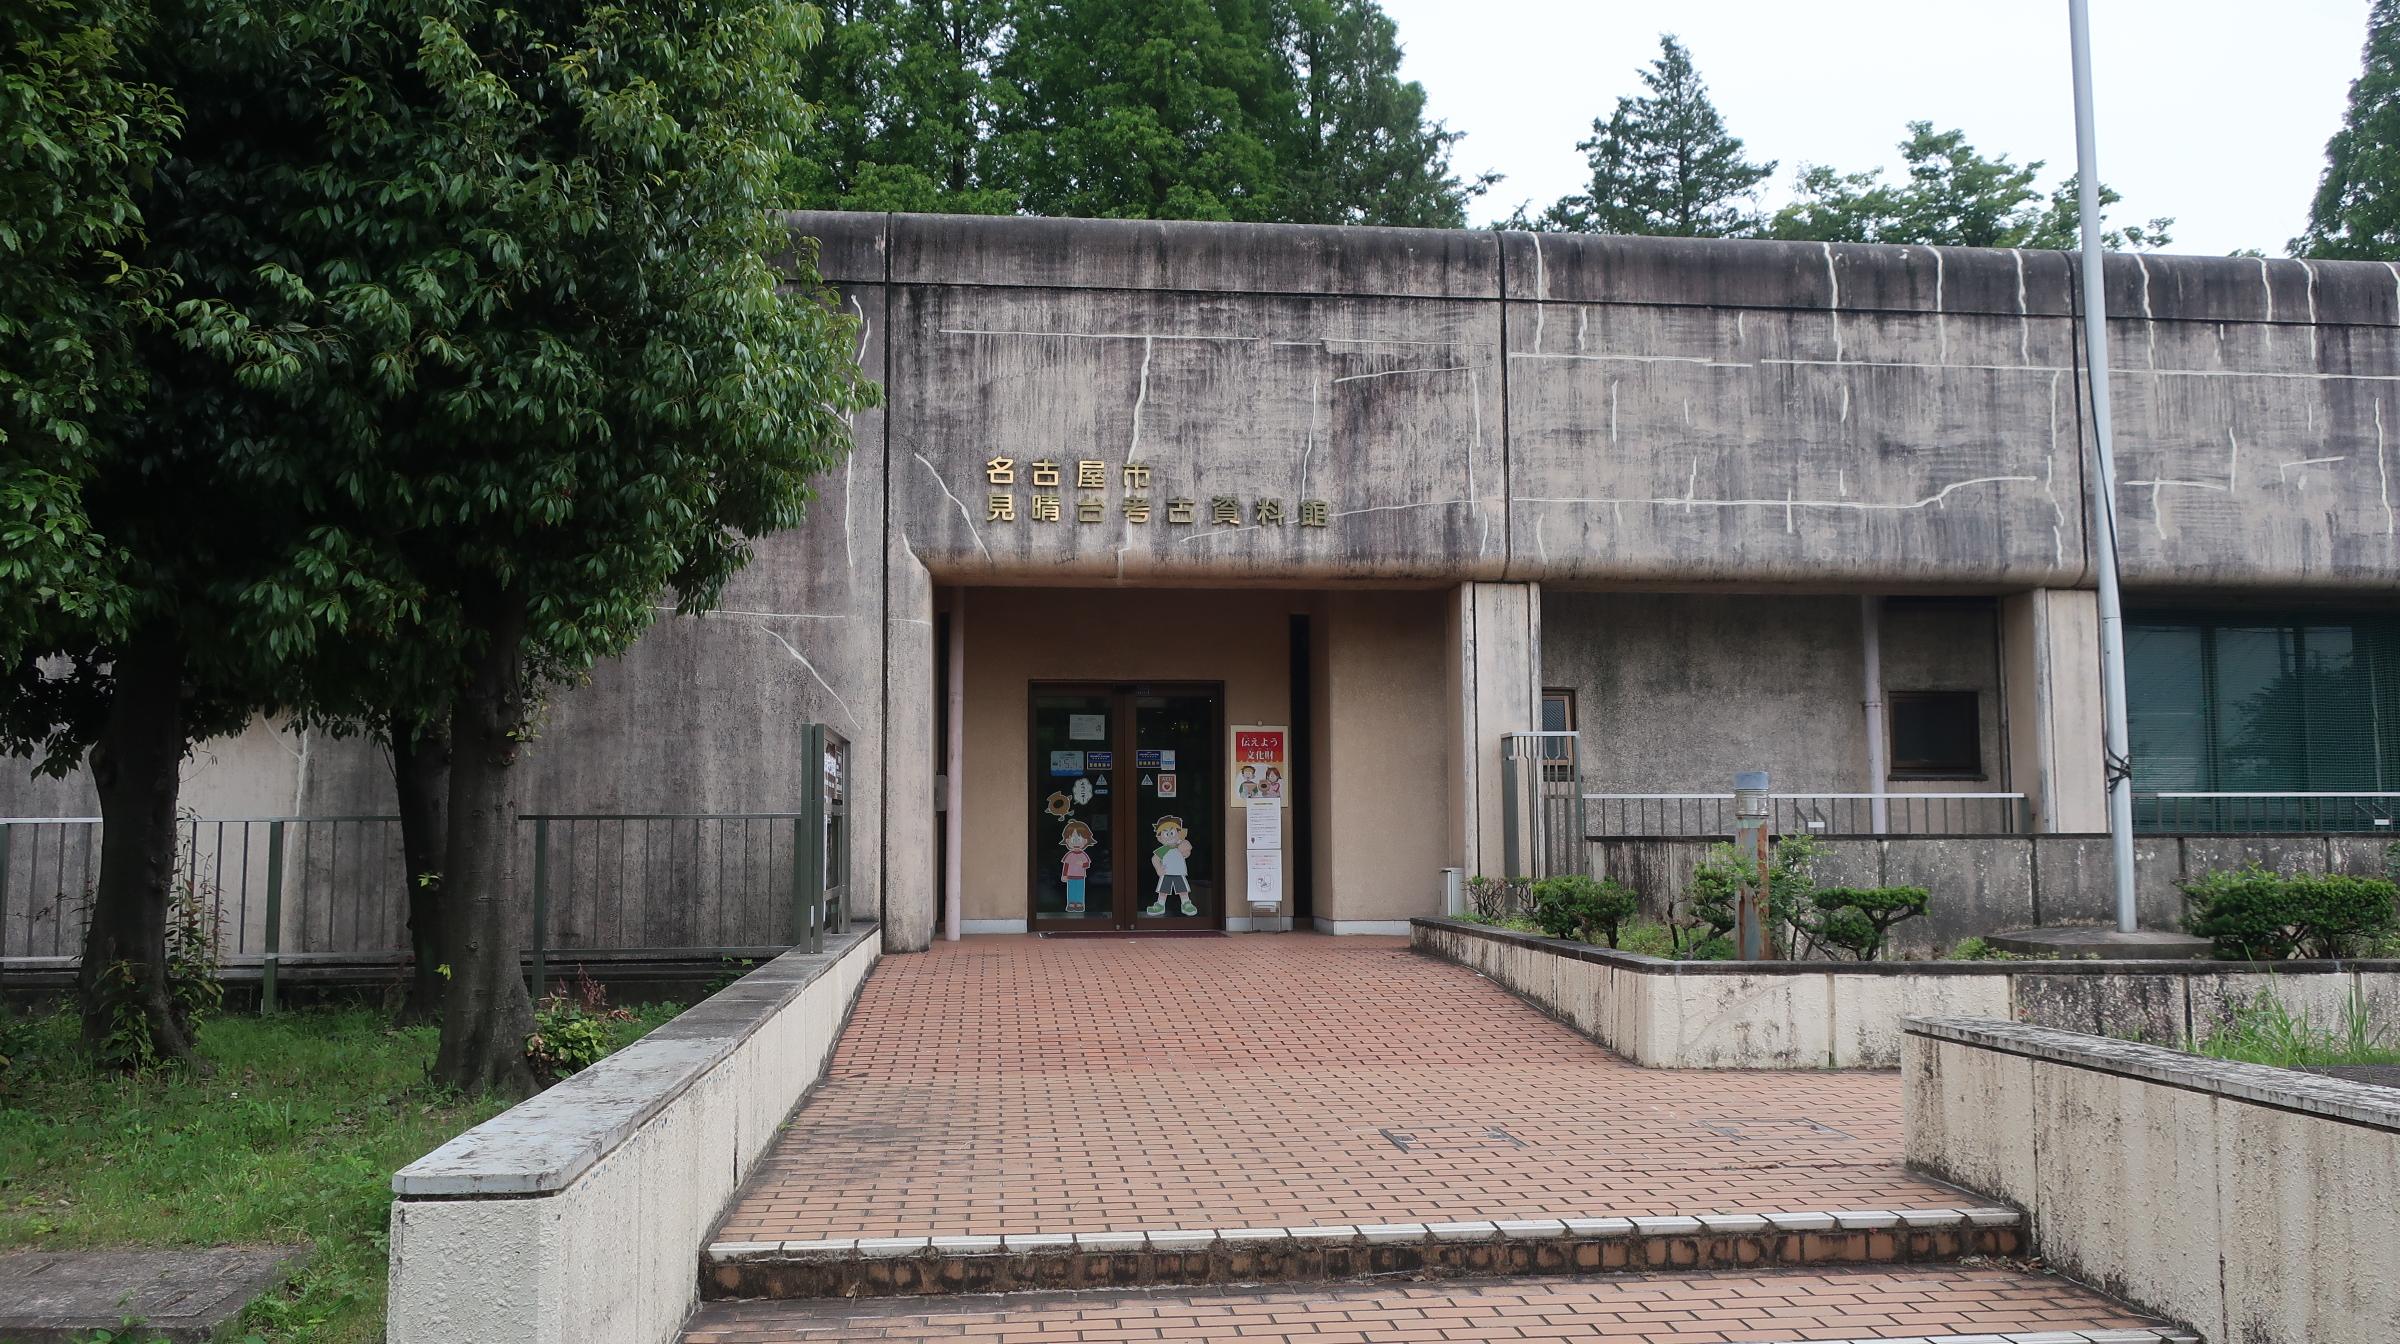 見晴台考古資料館